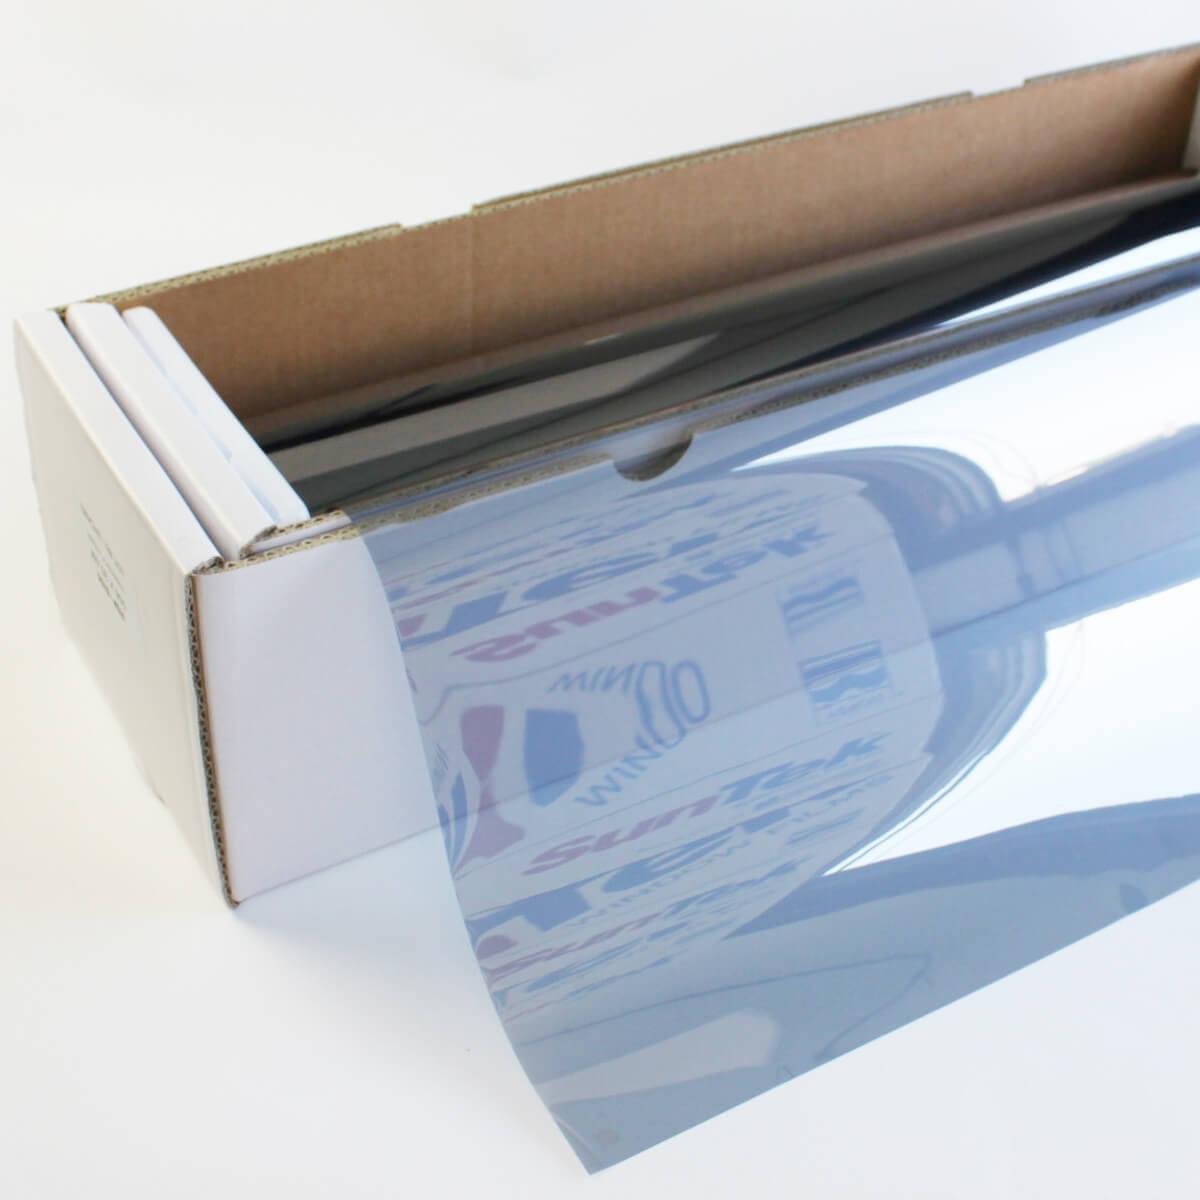 ウィンドウフィルム 窓ガラスフィルムスパッタシルバー50 50cm幅×30mロール箱売 遮熱フィルム 断熱フィルム UVカットフィルム ブレインテック Braintec